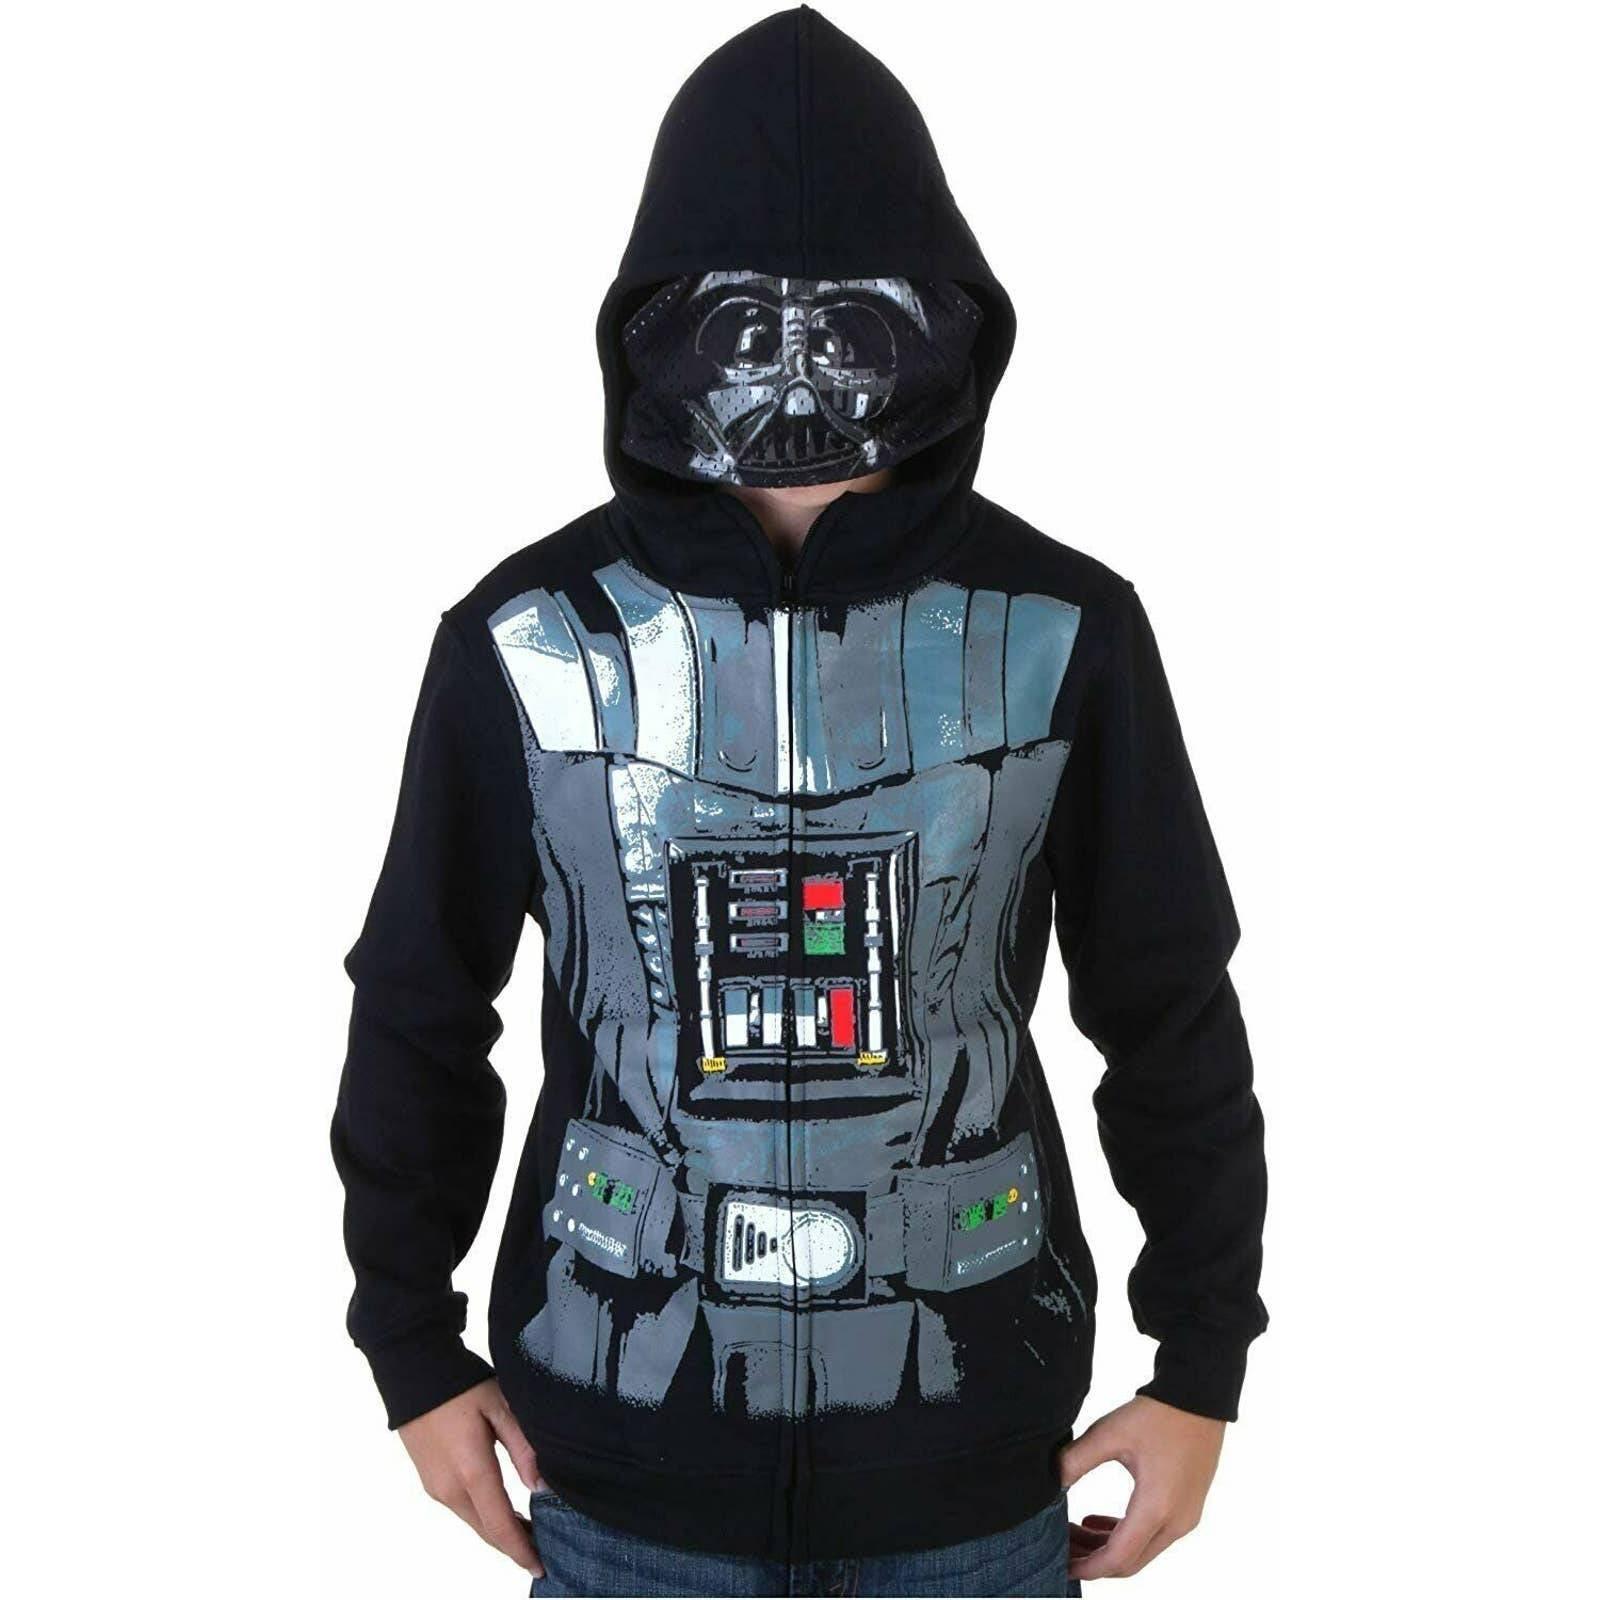 Star Wars Darth Vader Full Zip Costume Hoodie Jacket, Boys Sz 4 NWT